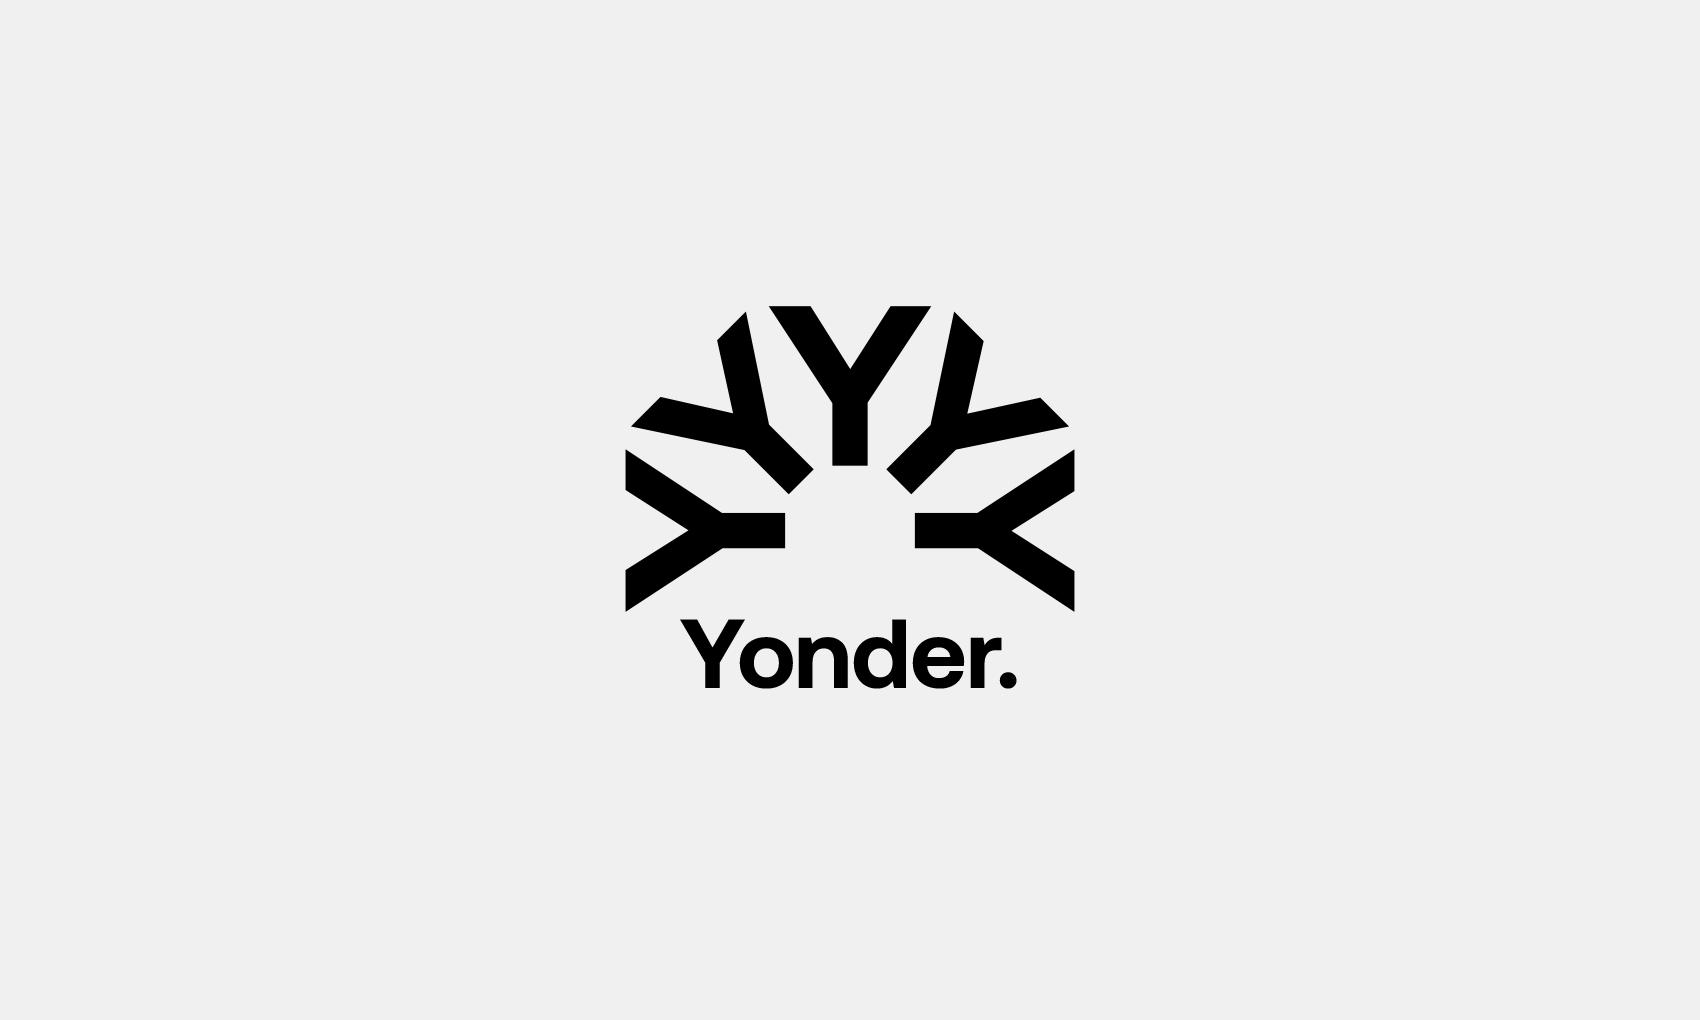 Yonder_header_image